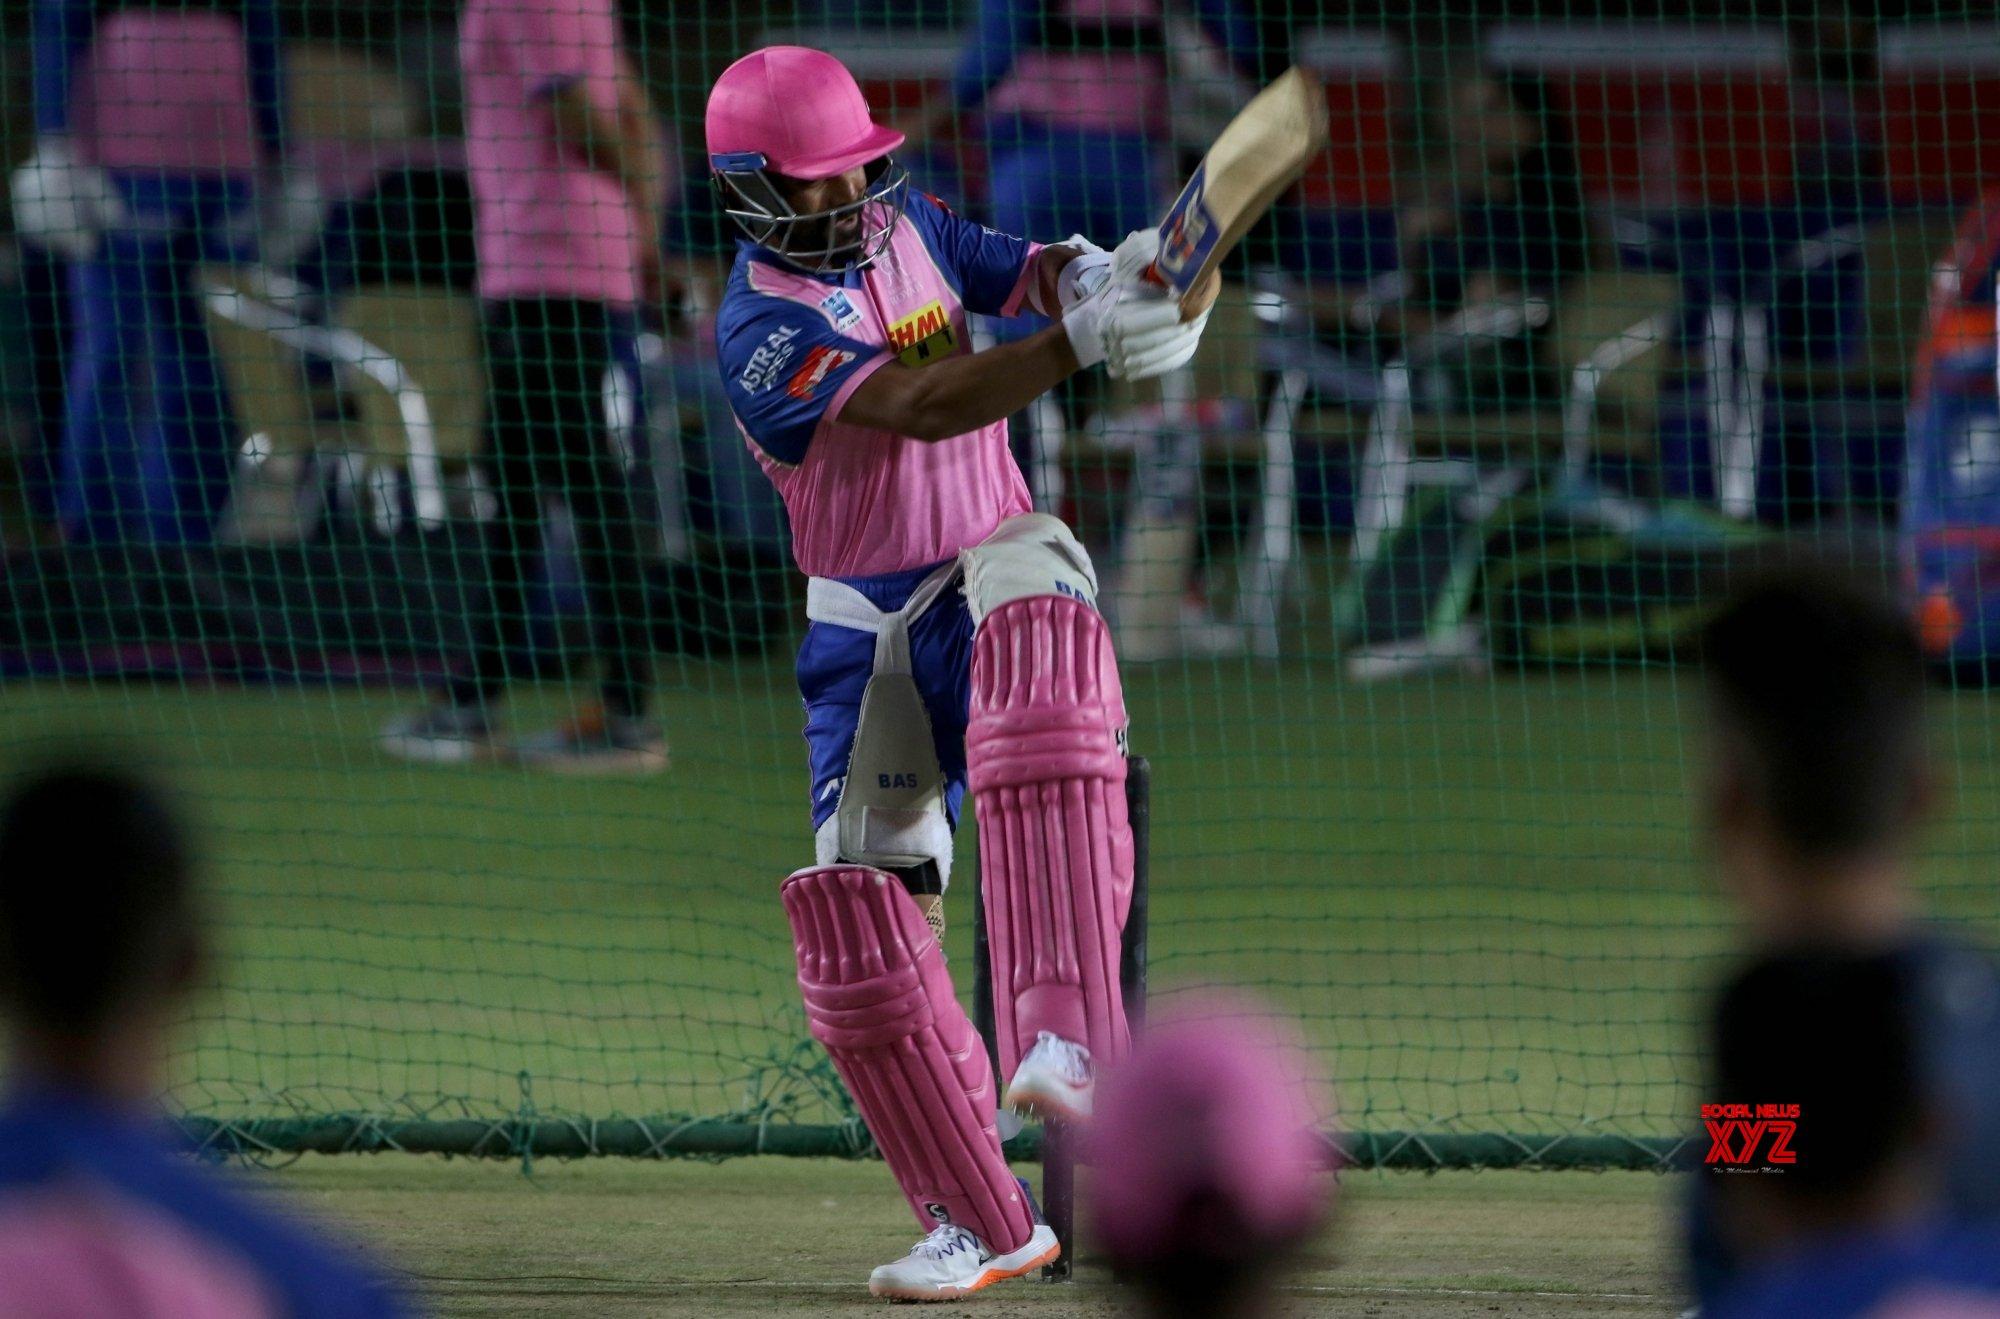 Rajasthan Royals win toss, ask Punjab to bat